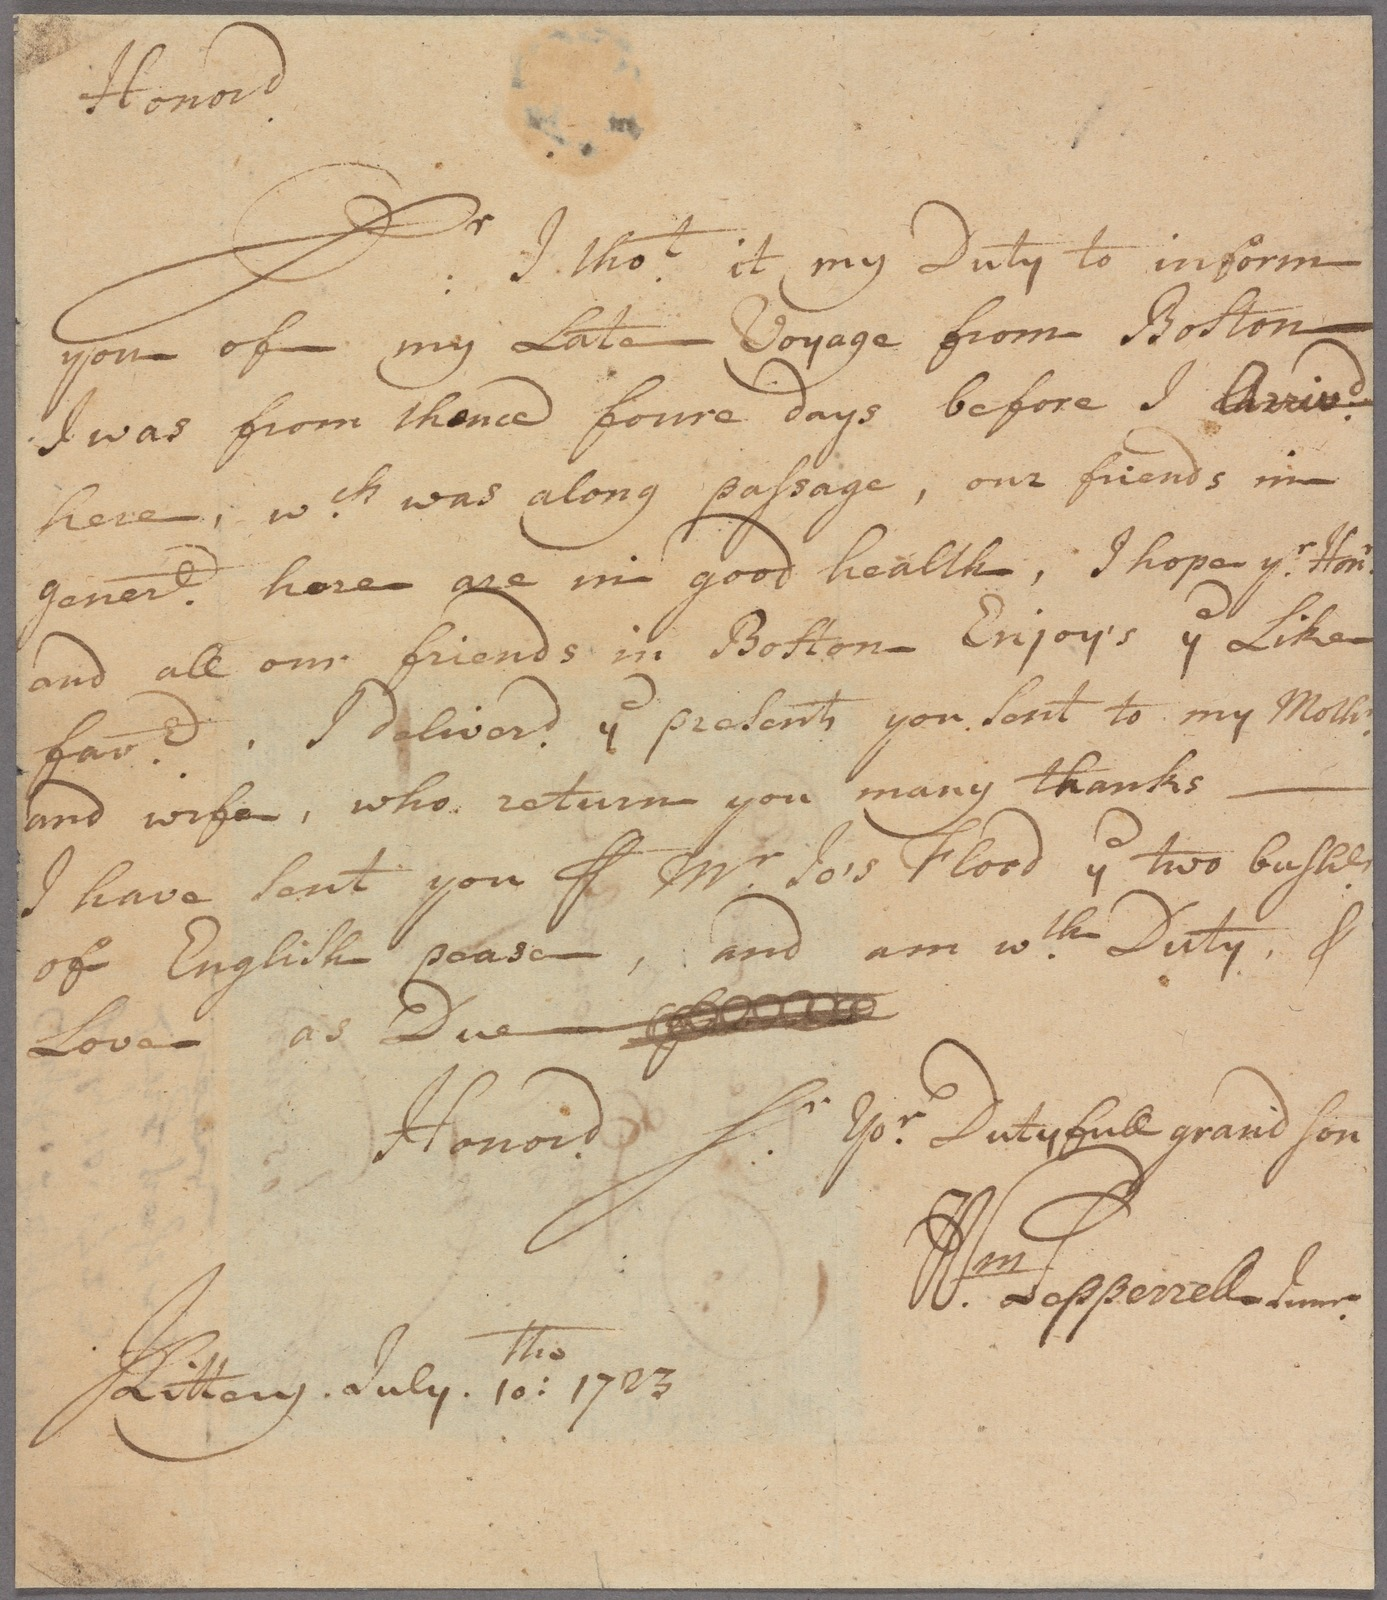 Letter to Samuel Sewall, Boston, per Joseph Flood